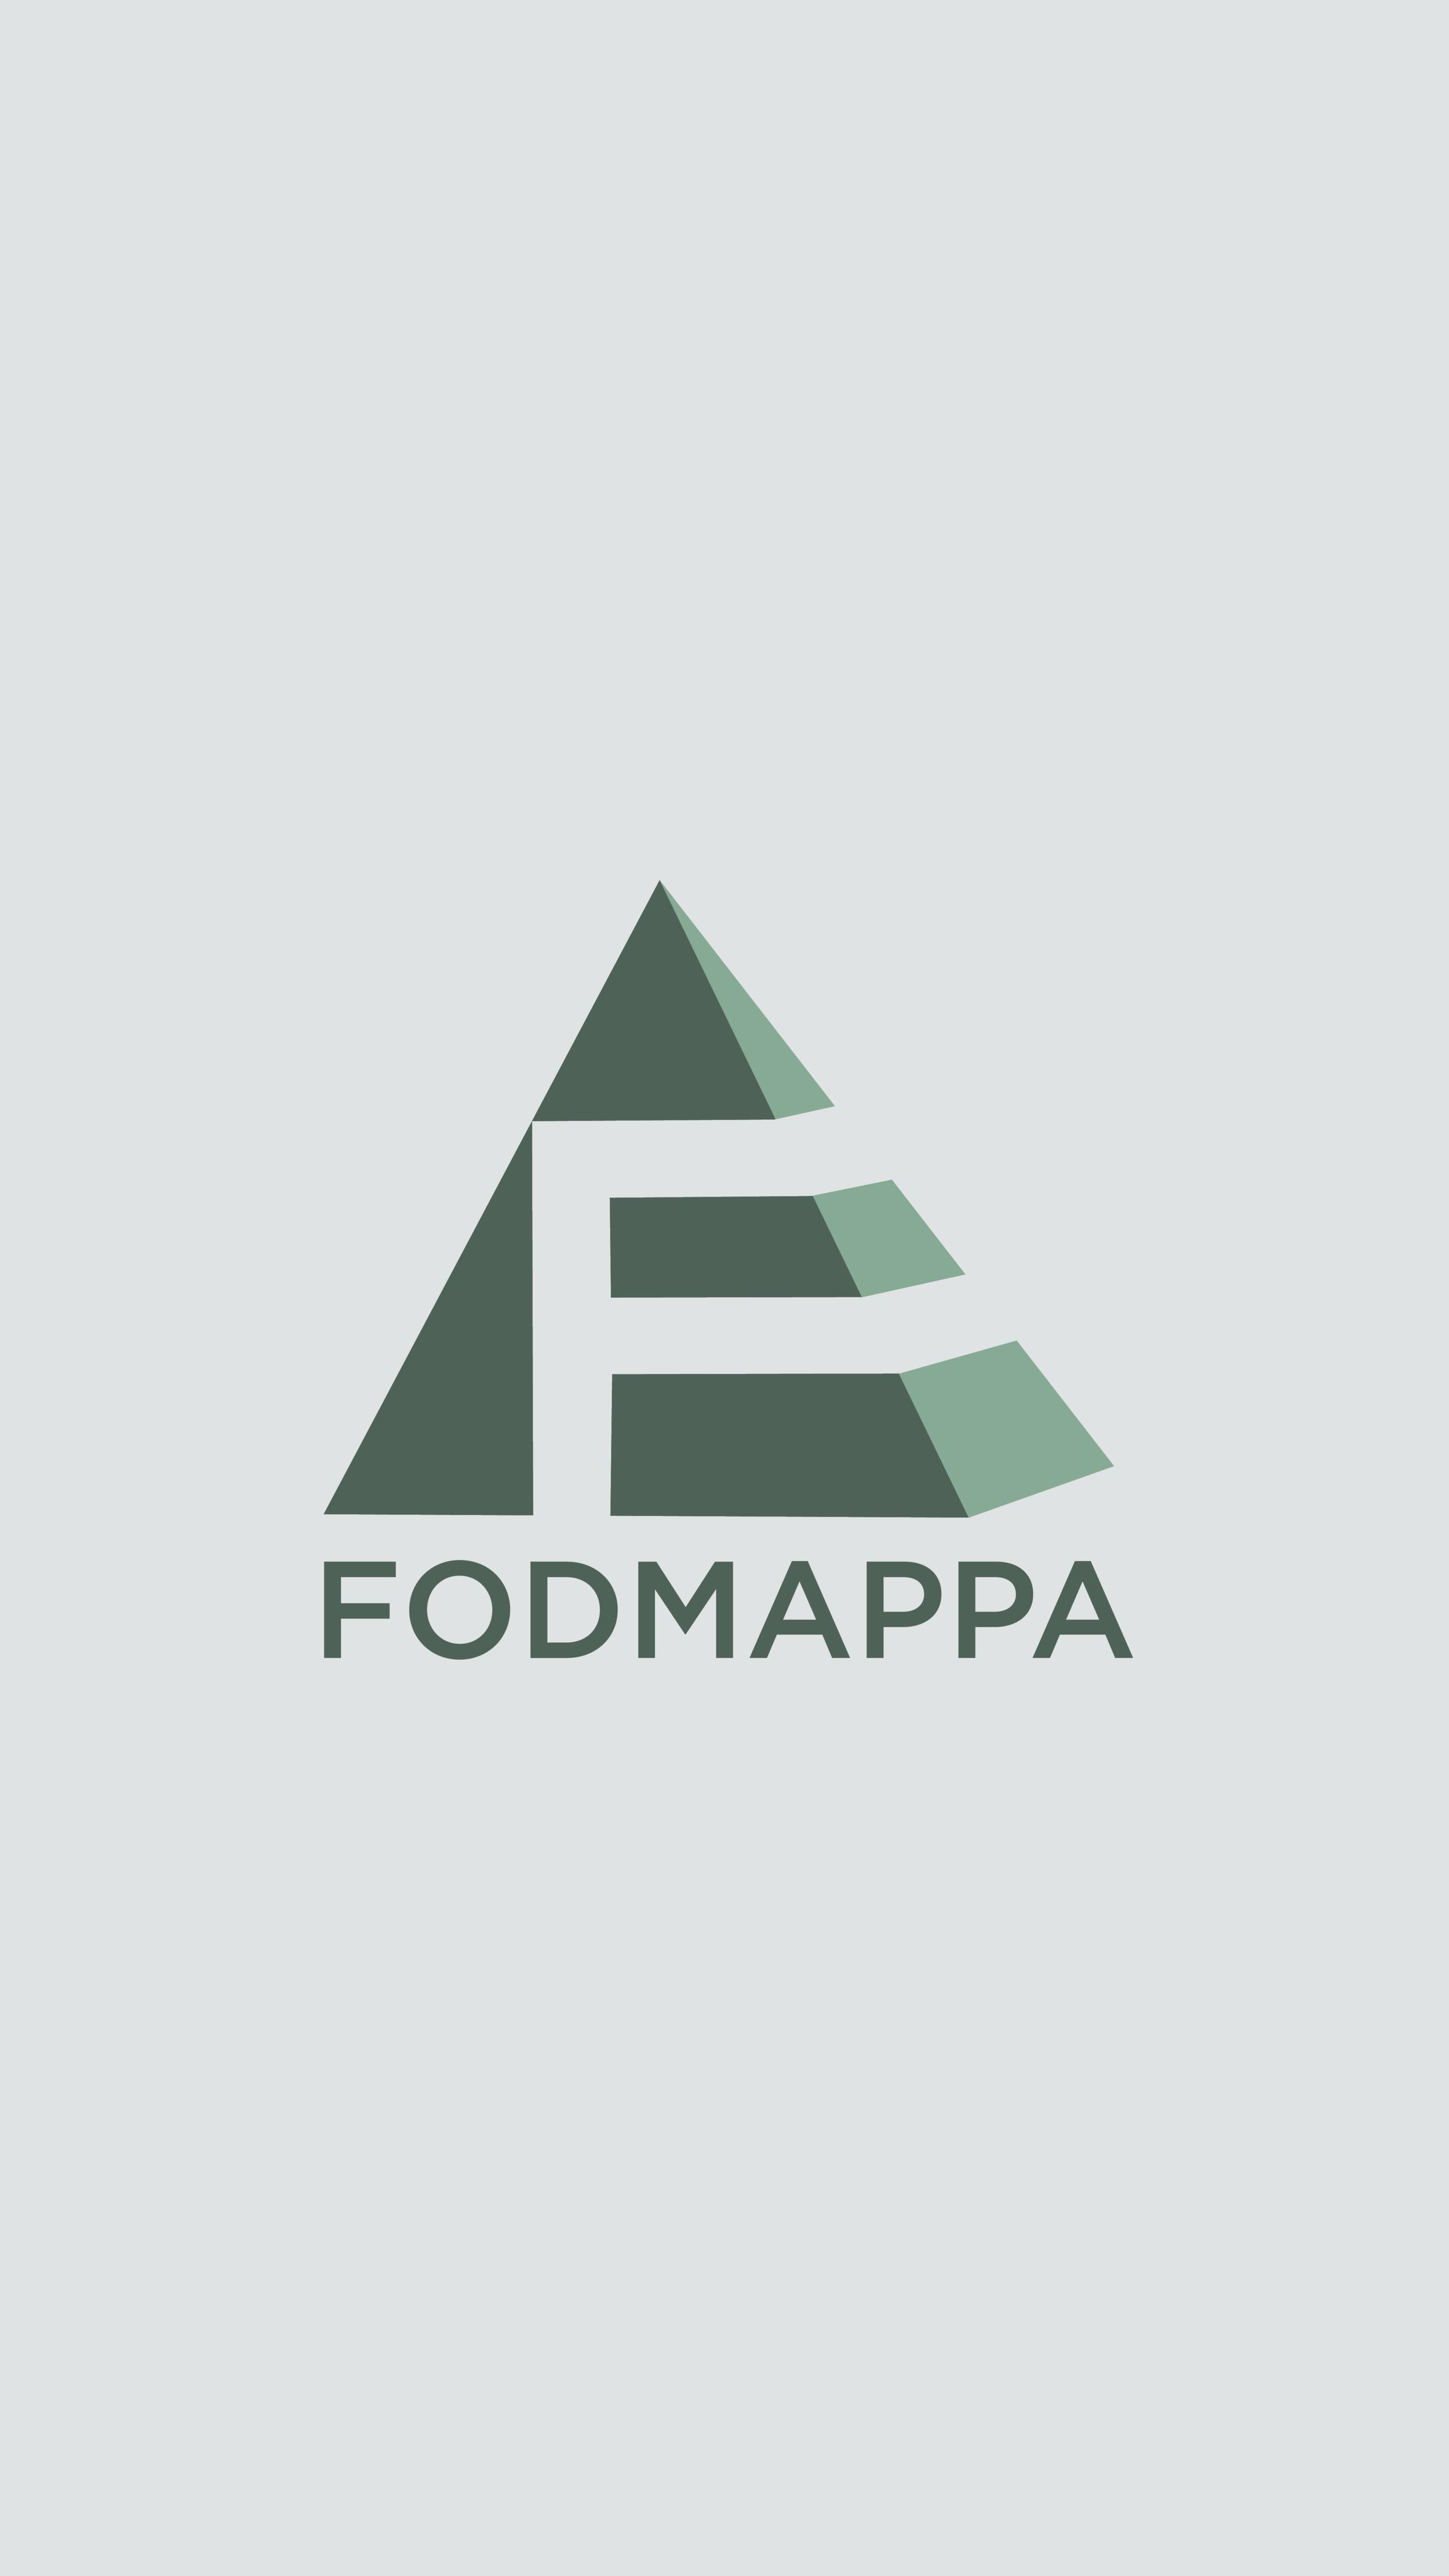 fodmappa-01.png